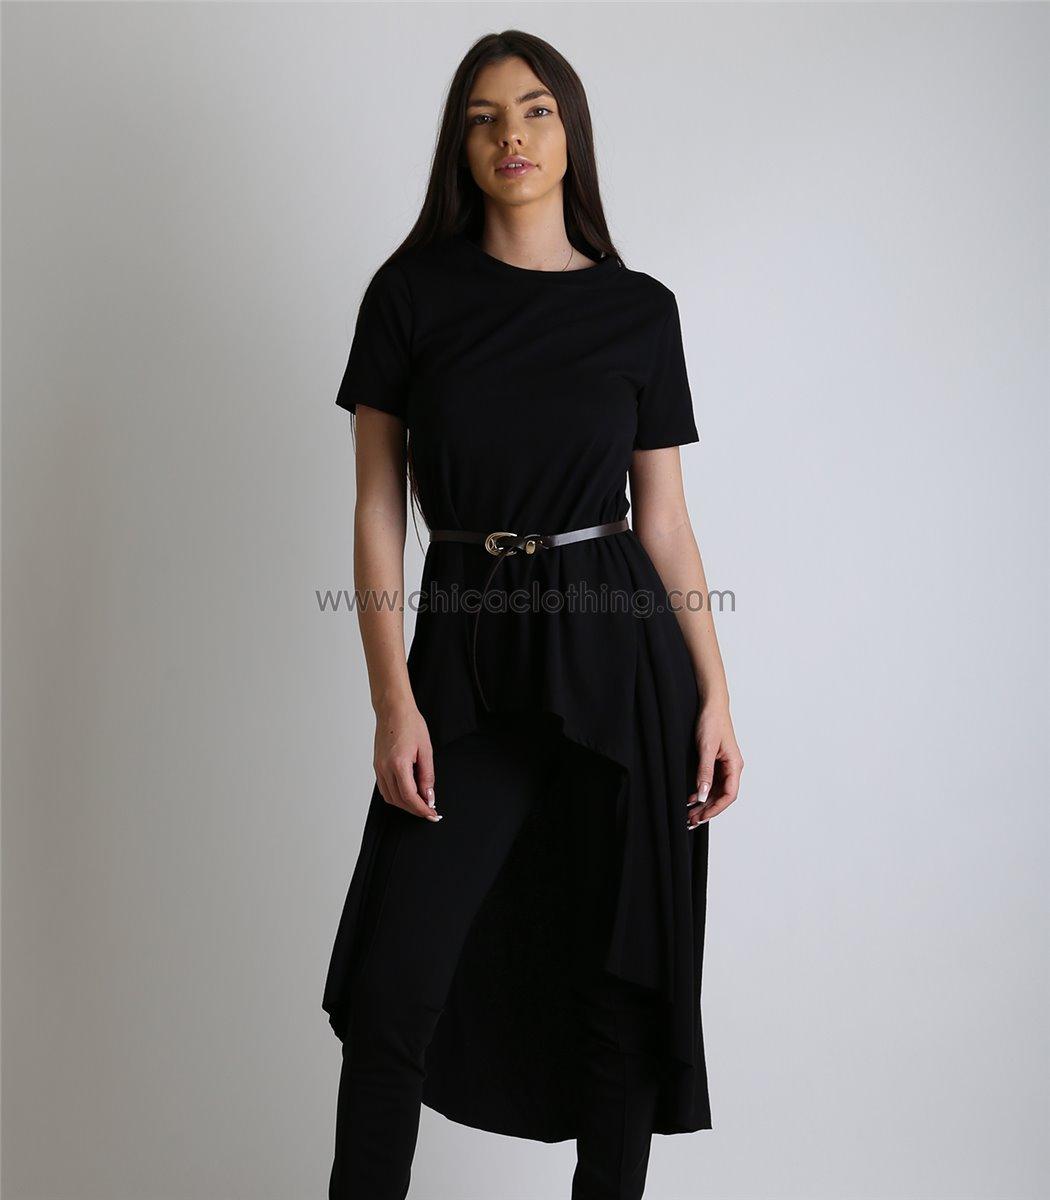 46013bdfbd Γυναικεία μακριά μπλούζα κοντομάνικη με ζώνη (Μαύρο)